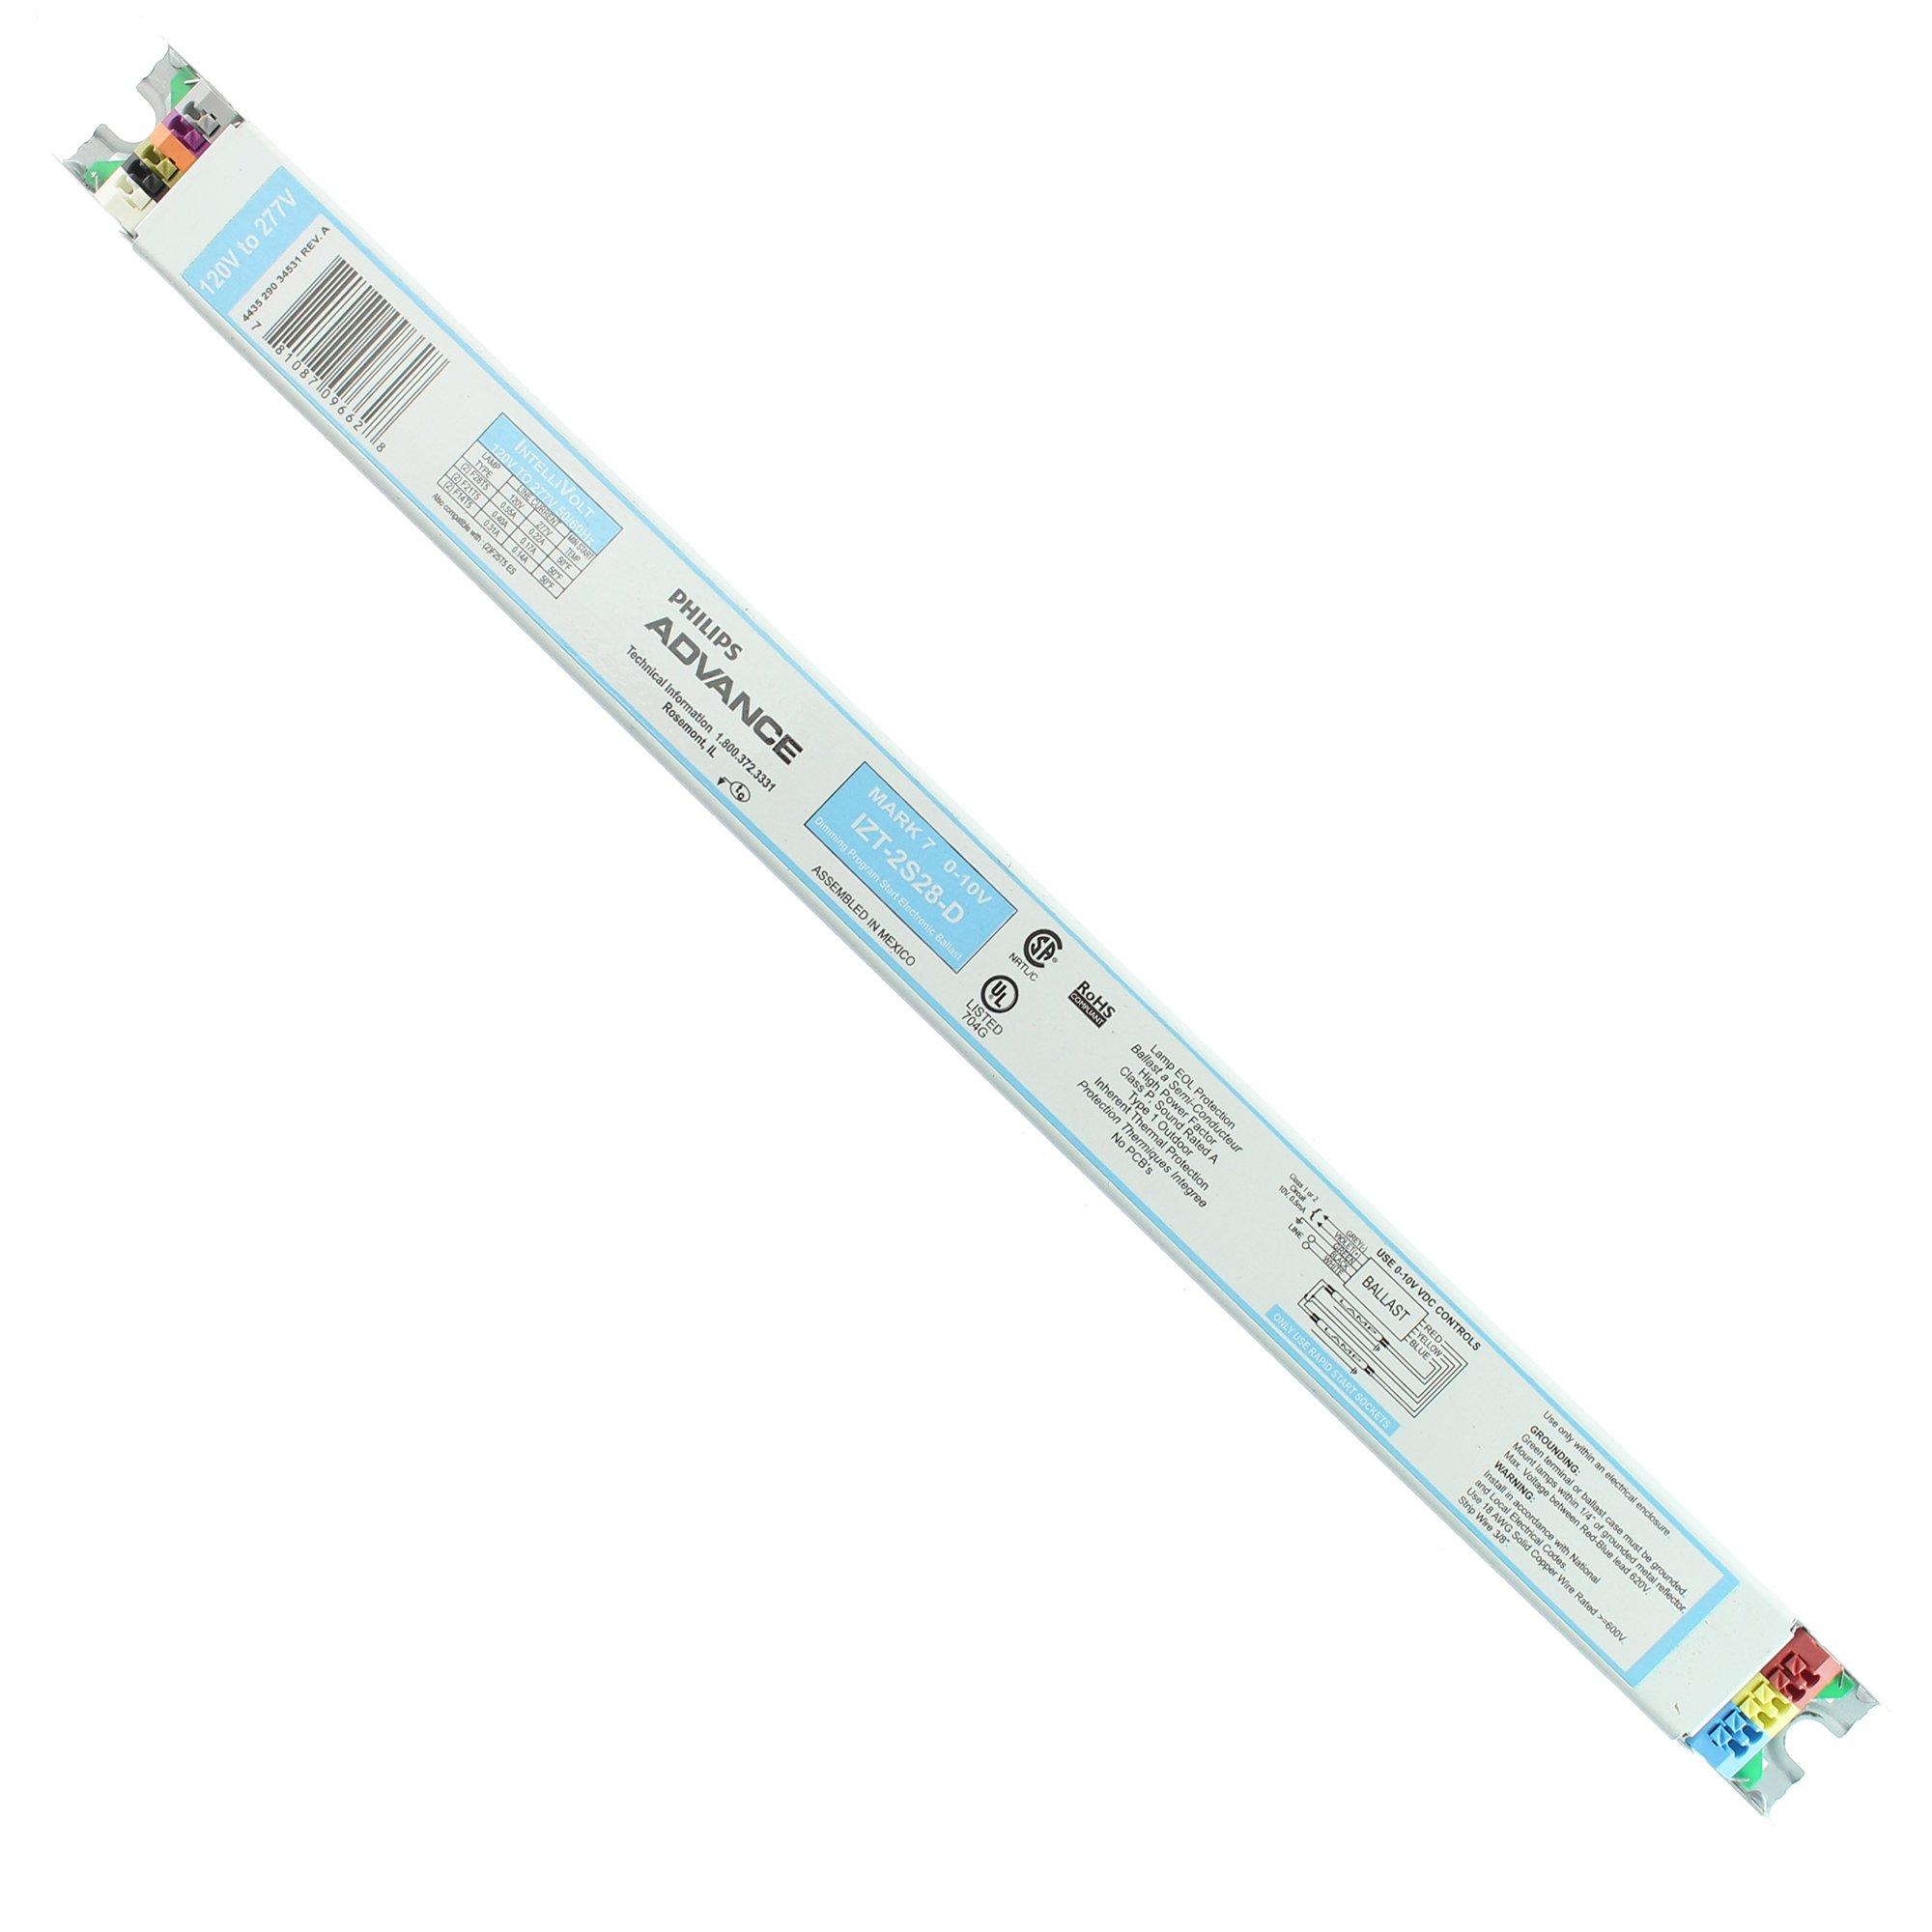 Advance Mark 7 0-10V IZT2S28D - 2 Lamp - F28/F14T5 - 120/277 Volt - Programmed Start - 1.0 Ballast Factor - Dimming